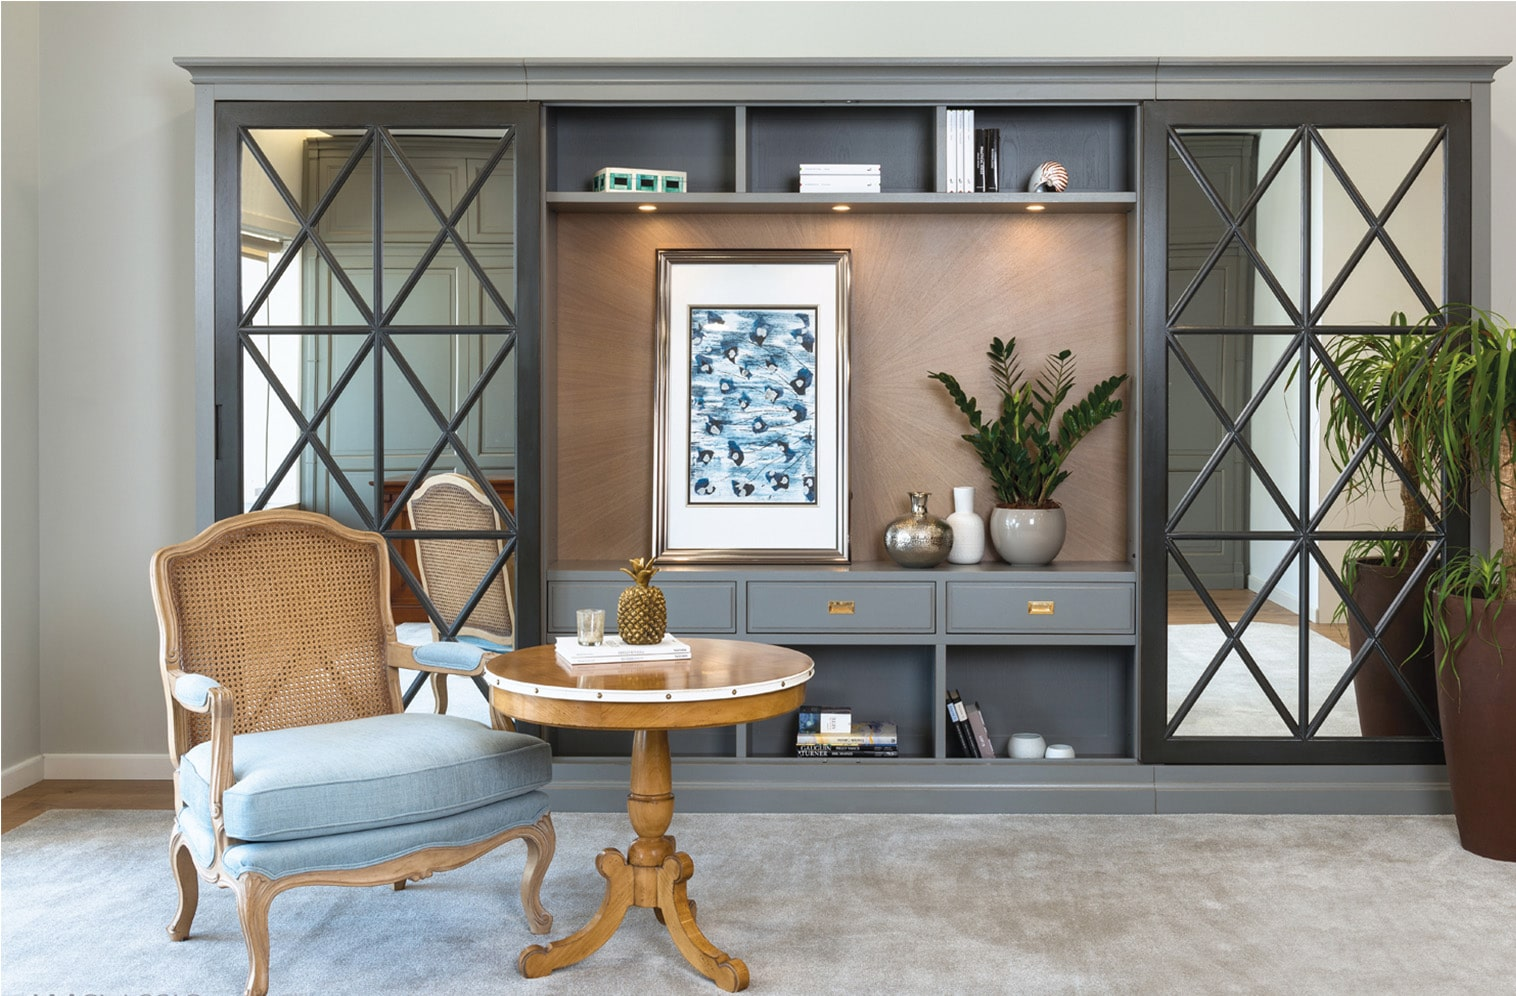 Muebles De Sal N Cl Sicos En Zaragoza R Stica Ambientes # Muebles Ytosa Salones